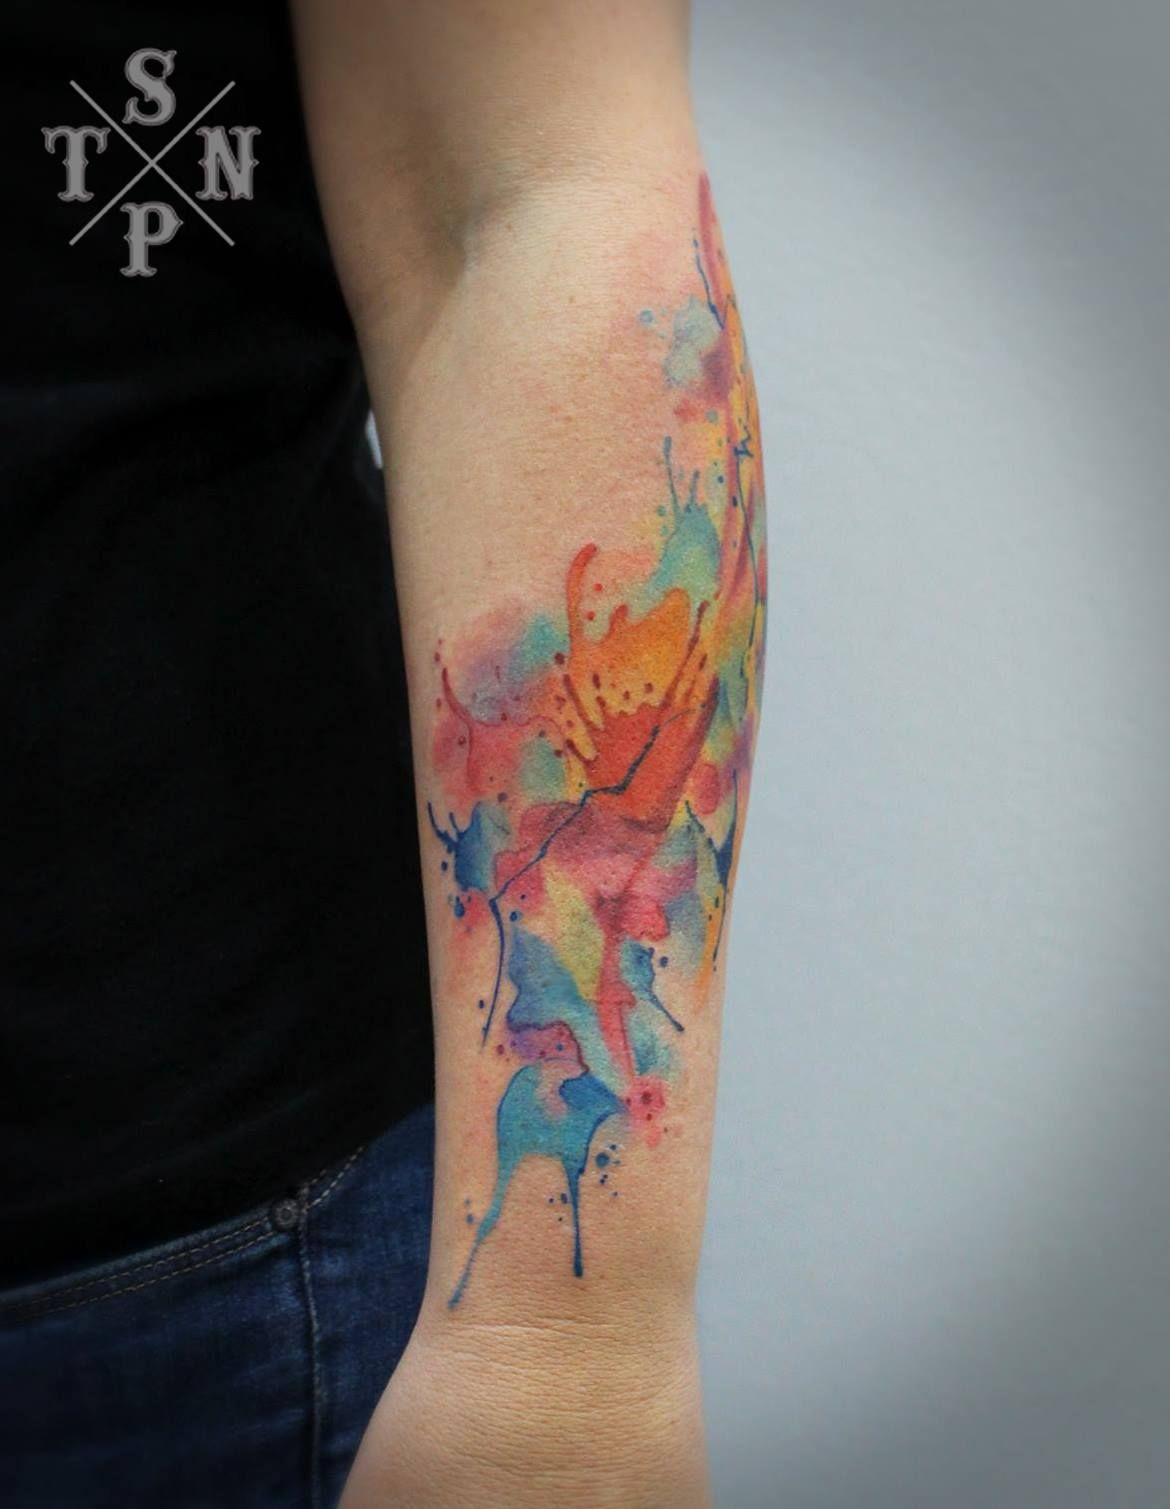 Tattoo Par Lucas Sangpiternel Cannes Tattoo Tatouage Tatuaje Colortattoo Art France Tat Tatts Artwork Tattoo Forearm Tattoos Tattoos Tattoo Artists